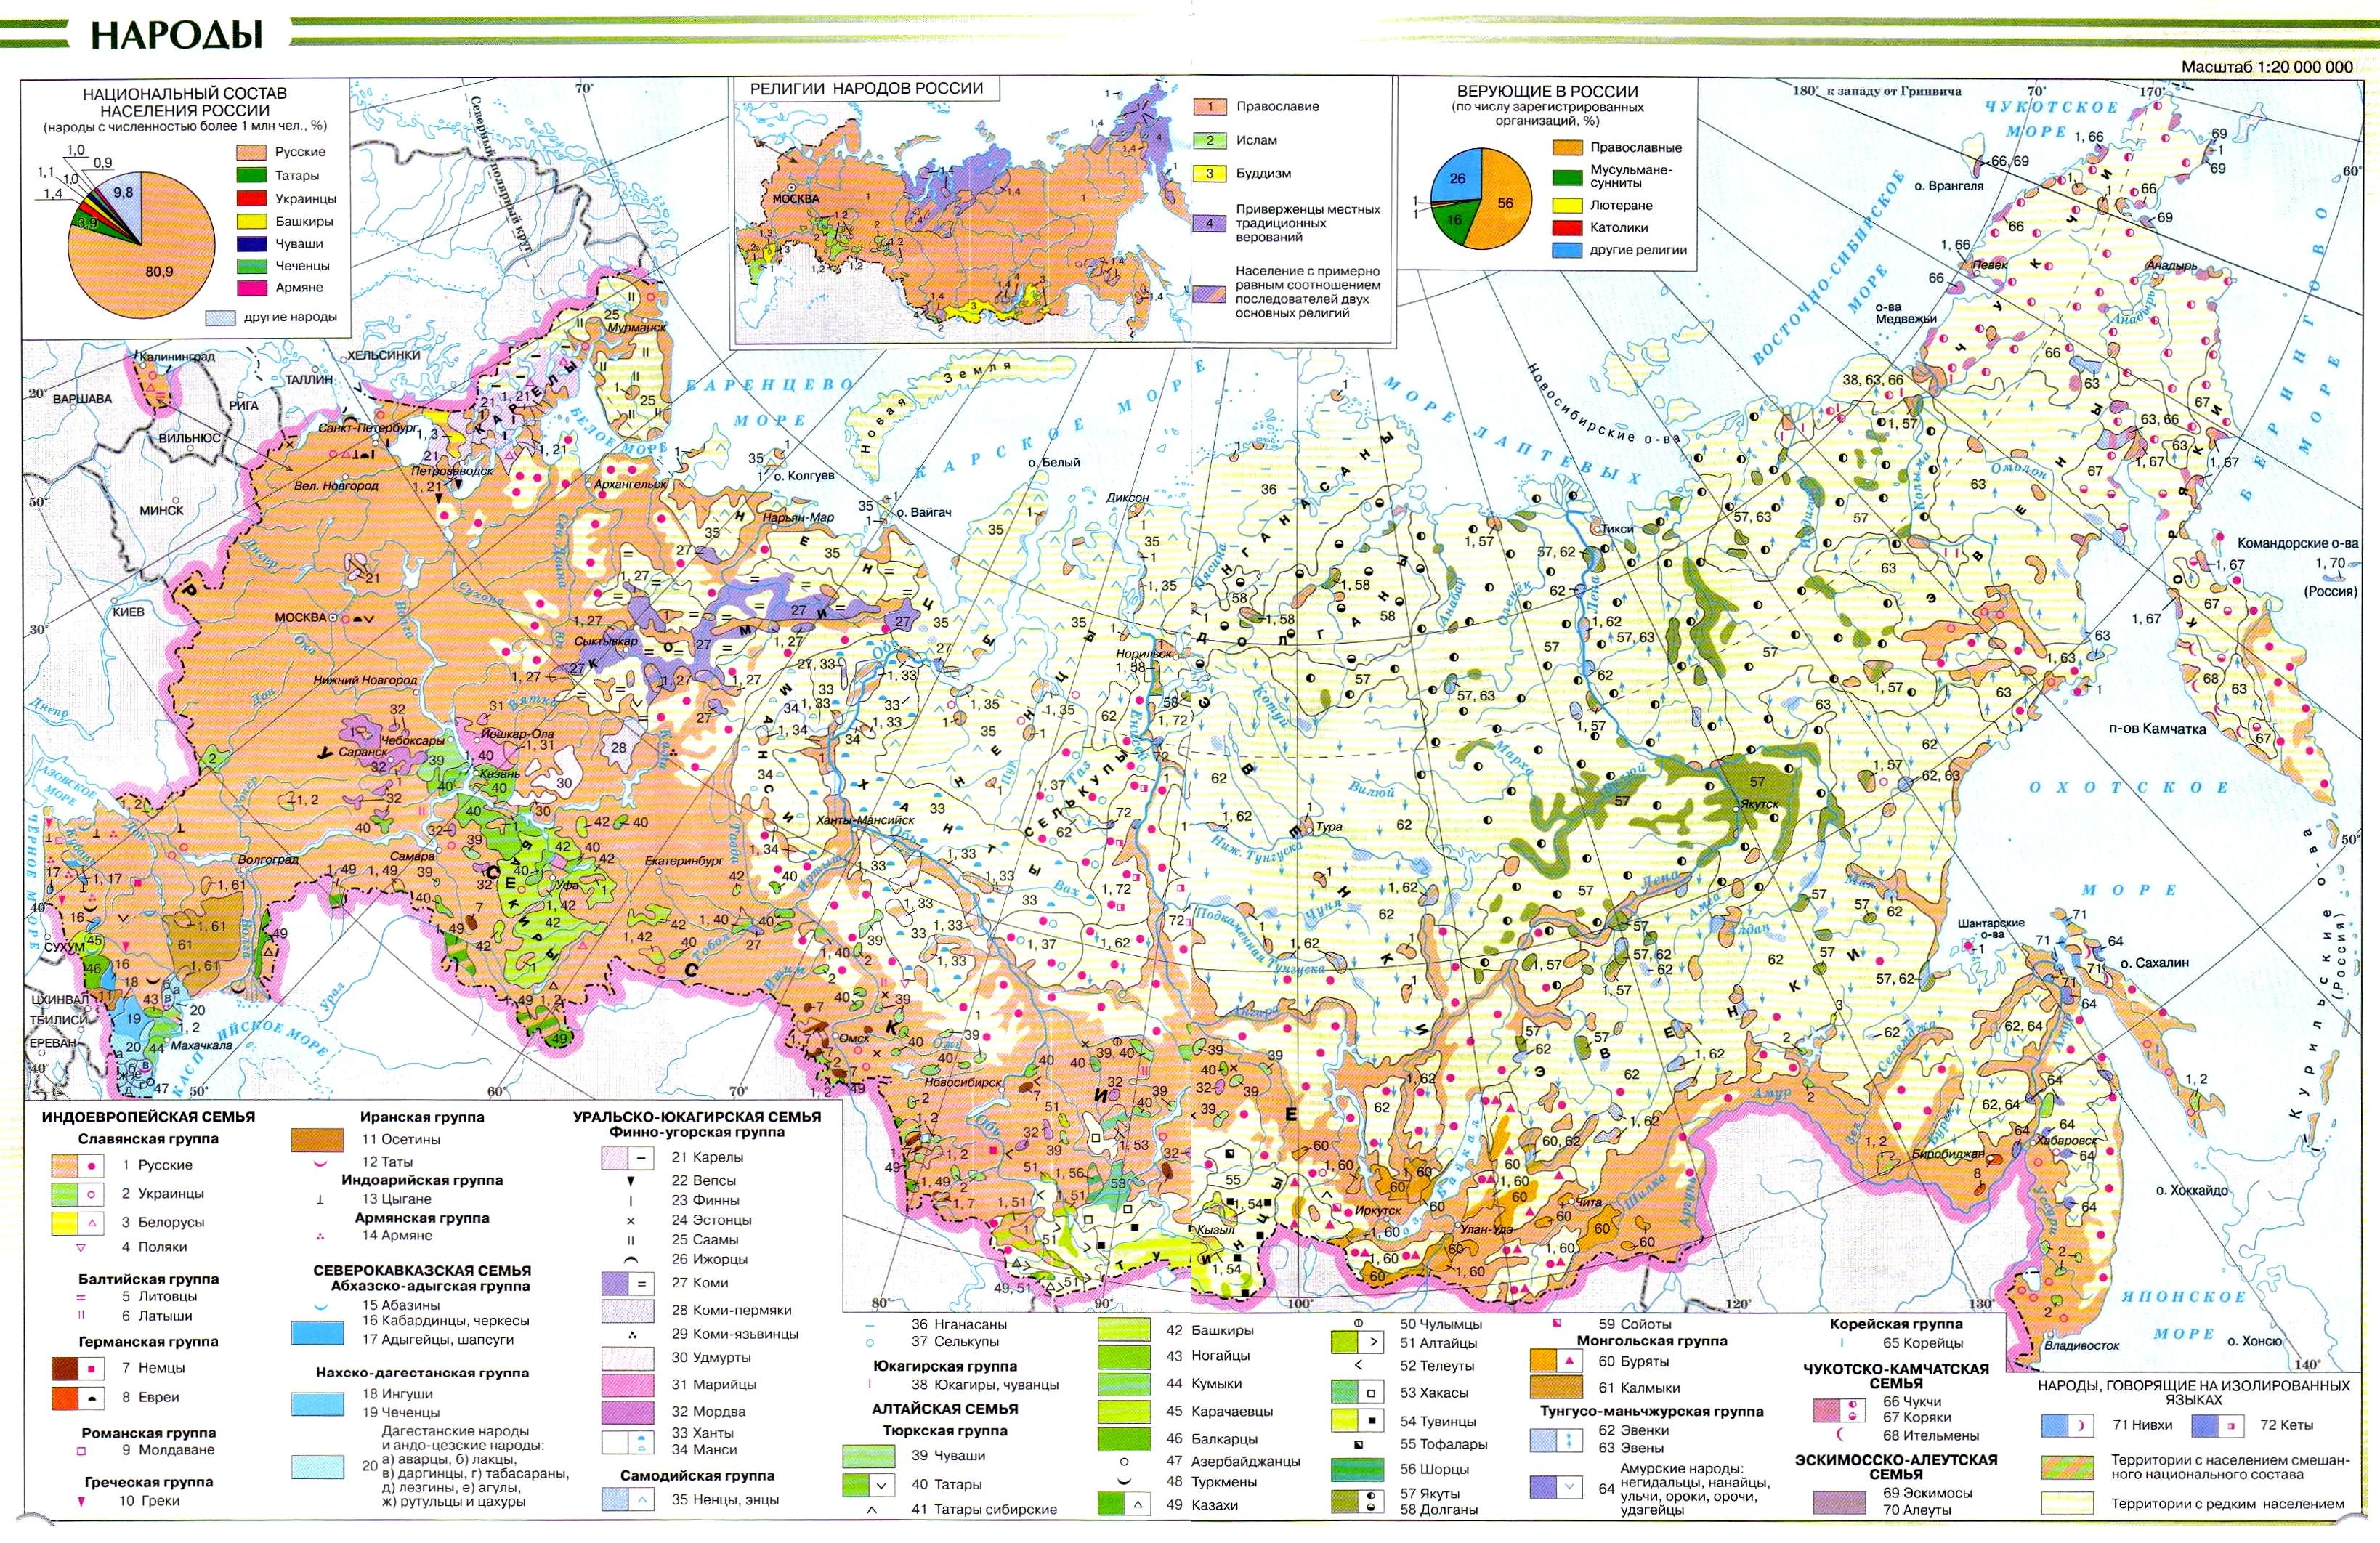 Народы и основные религии России